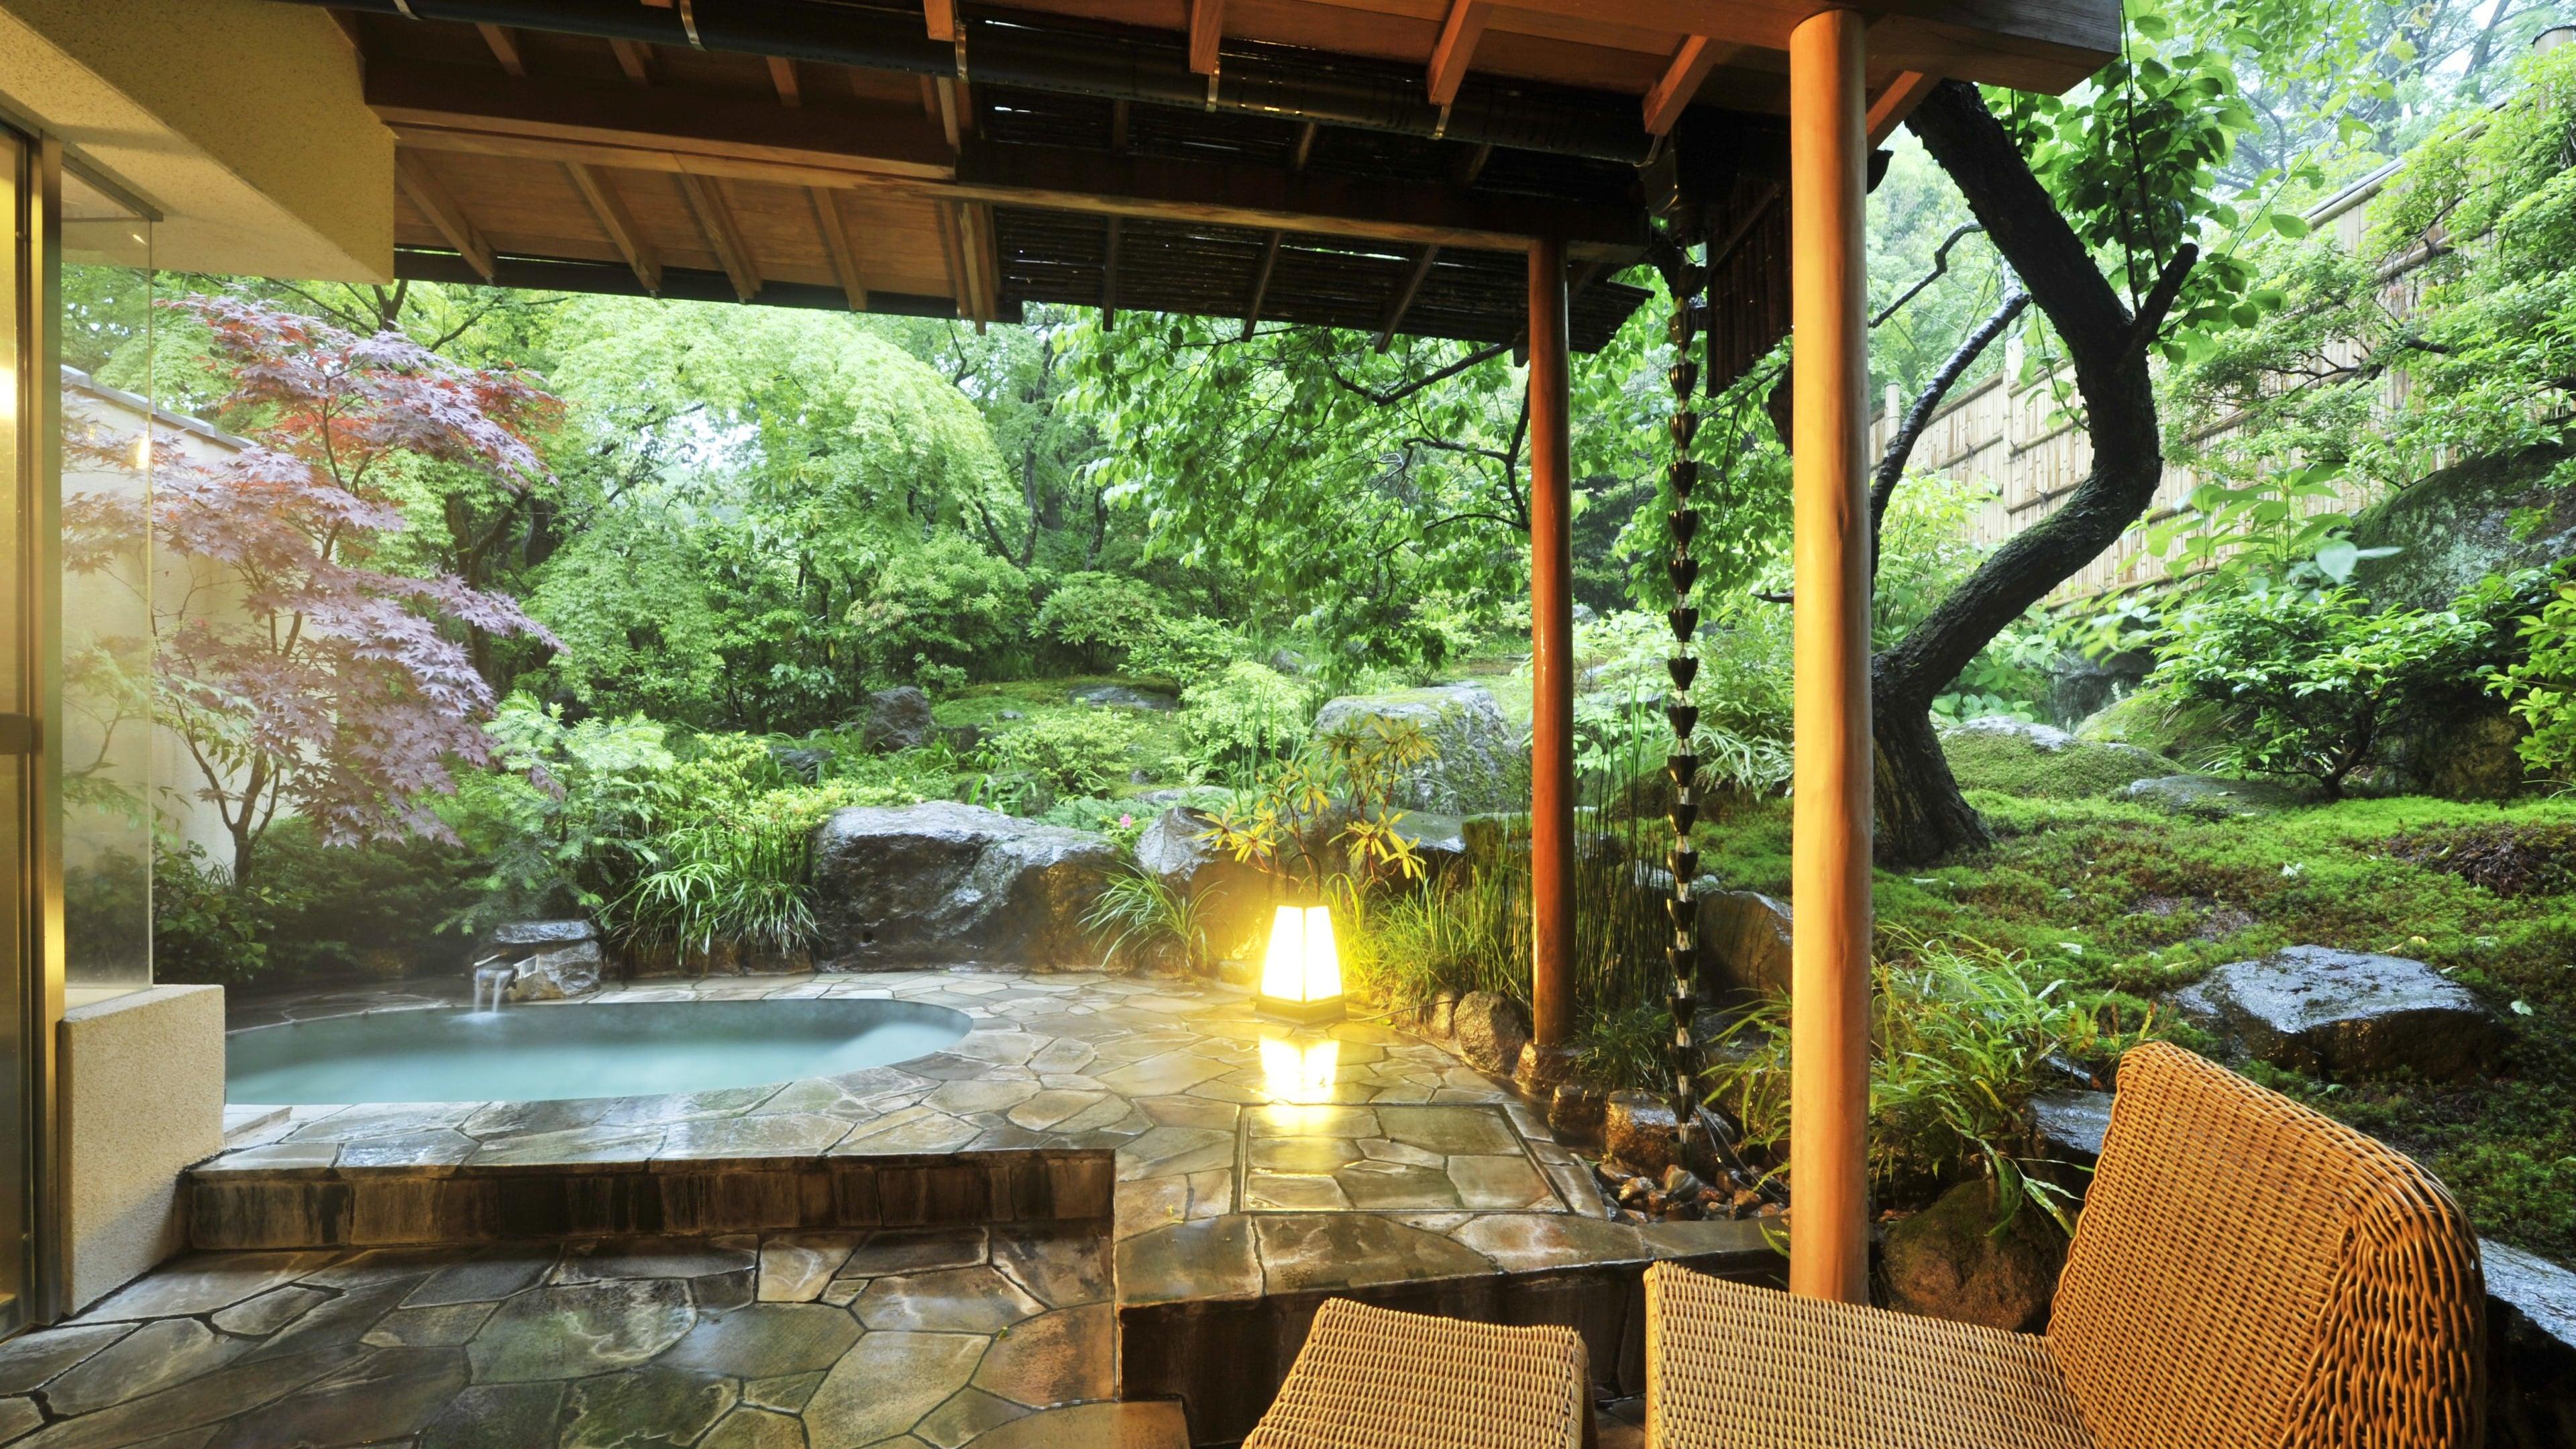 神奈川・箱根に泊まるならこのホテル|日本有数の温泉街でおすすめの宿は?